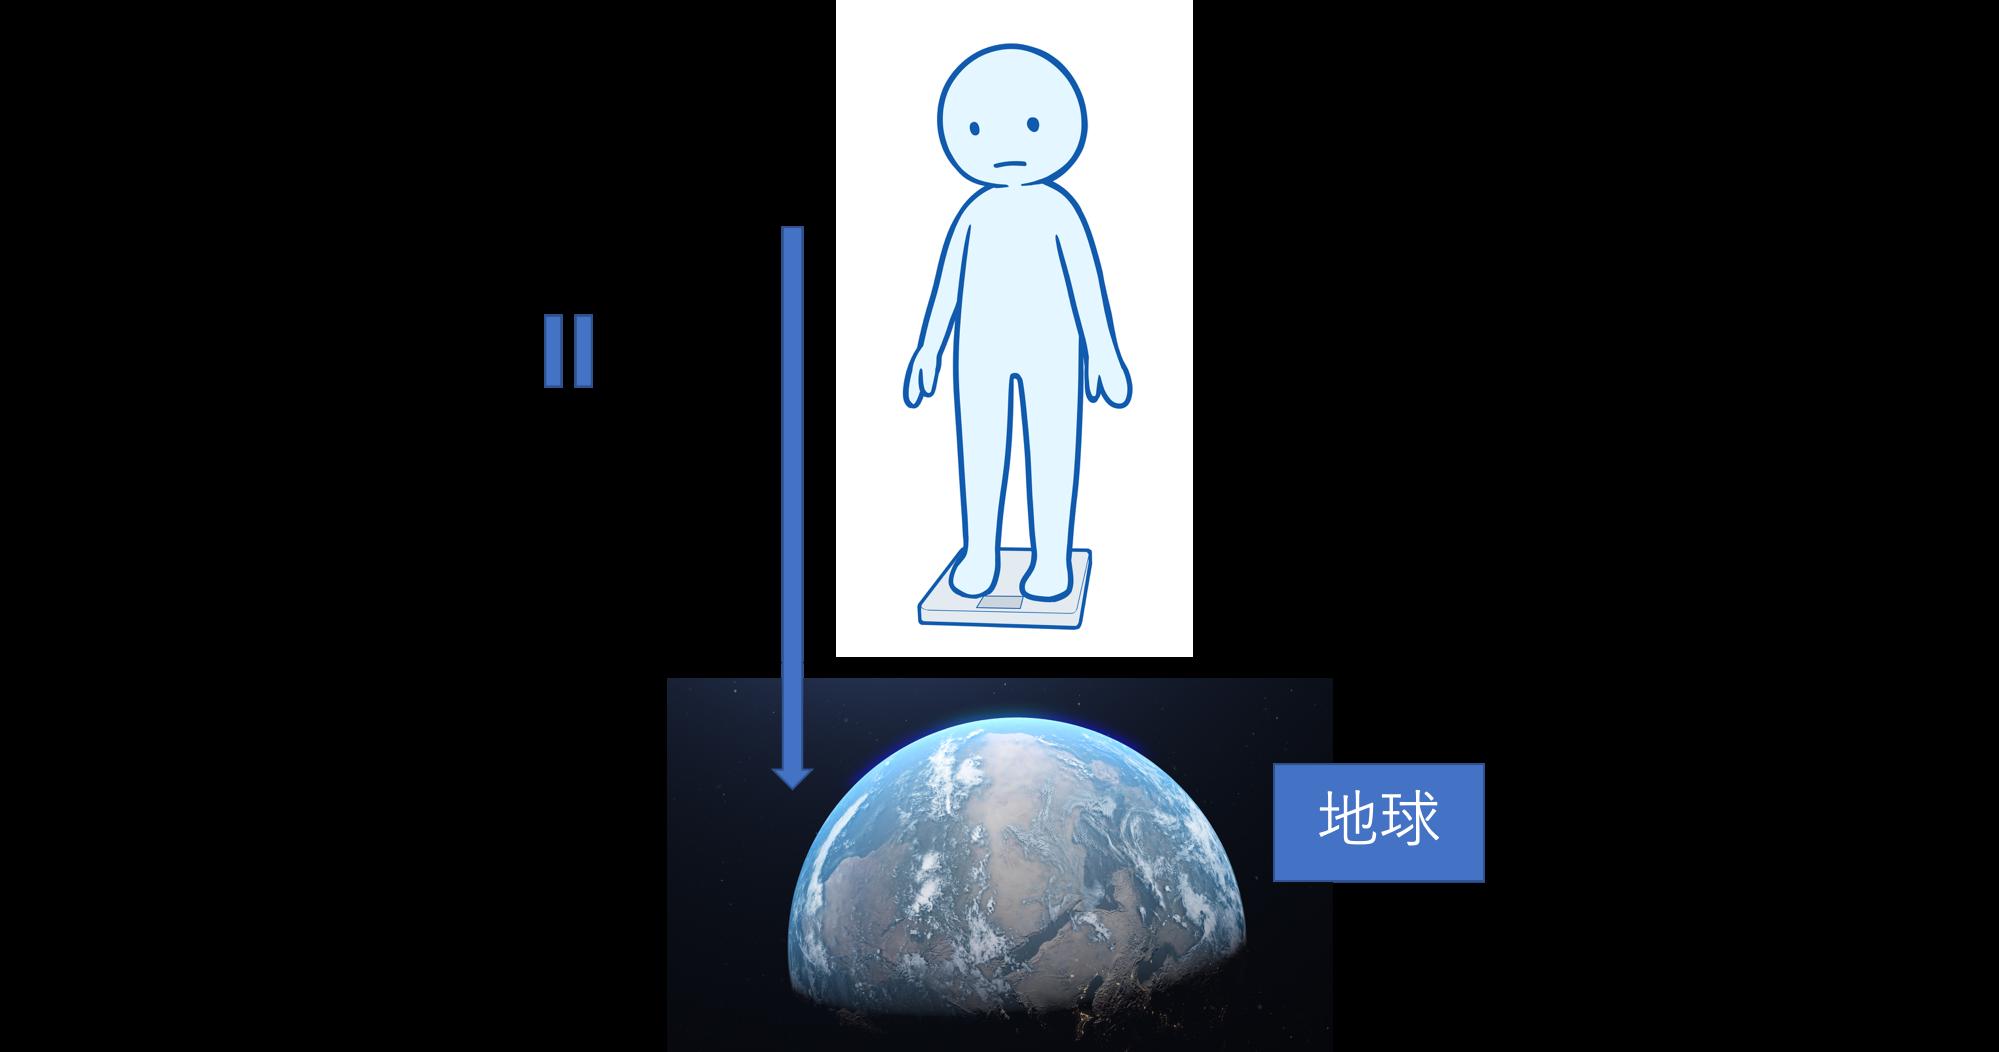 地球での体重測定